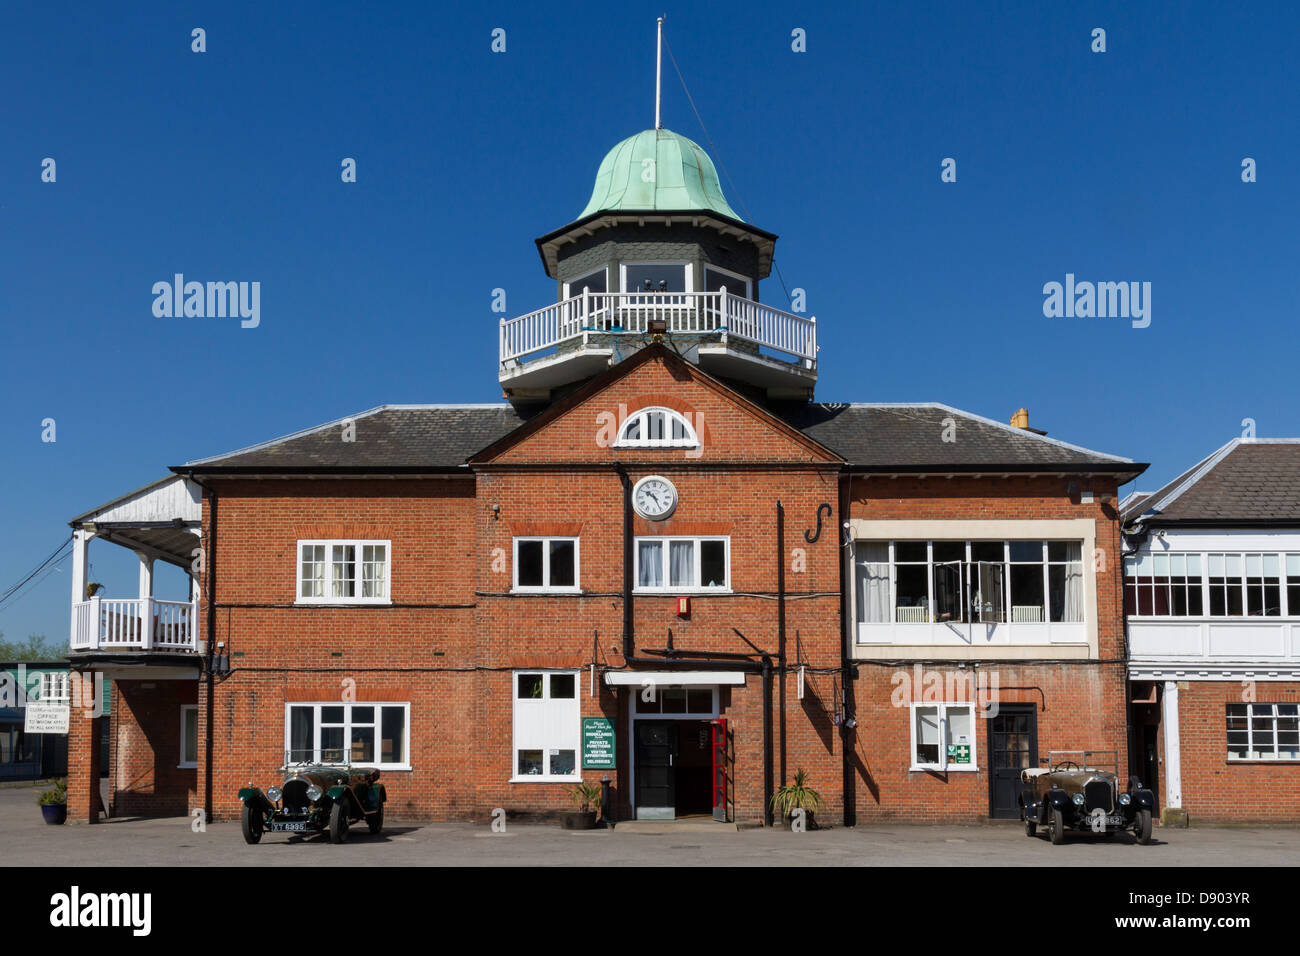 England Surrey Weybridge, Brooklands clubhouse Stock Photo